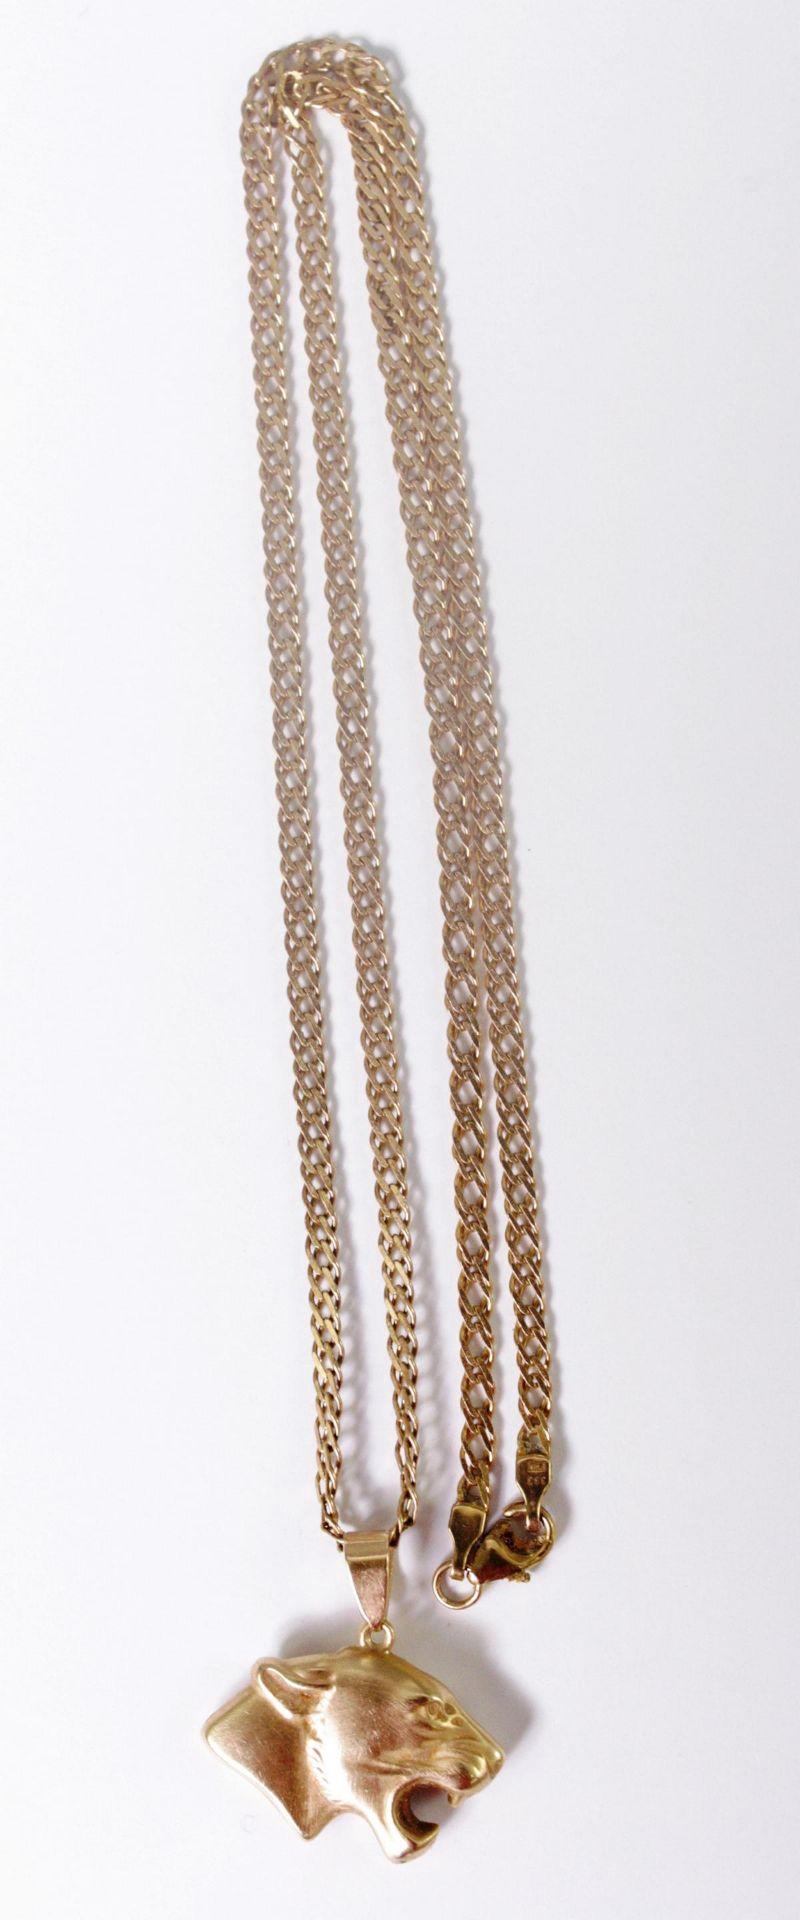 Halskette aus 8 Karat Gelbgold mit Tigeranhänger aus 14 Karat Gelbgold - Bild 2 aus 3